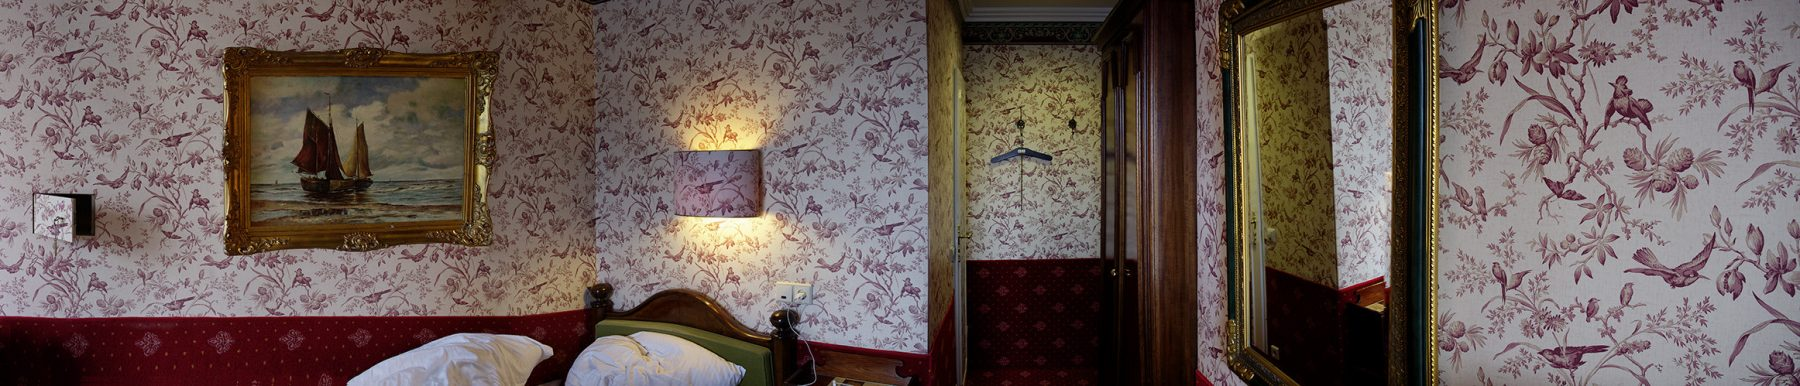 Tapete, Hotelzimmer